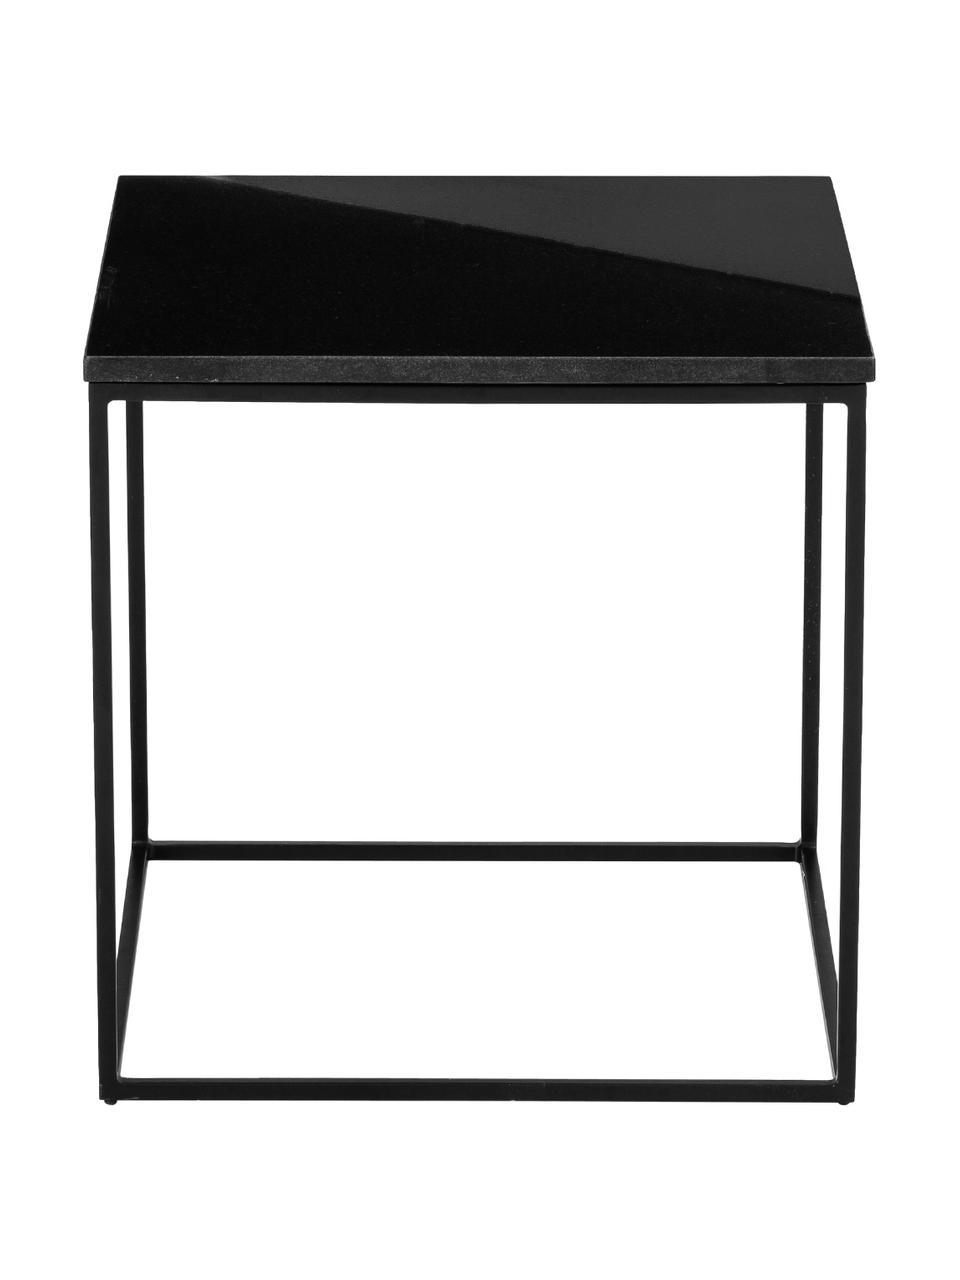 Stolik pomocniczy z granitu Alys, Blat: granit, Stelaż: metal malowany proszkowo, Blat: czarny granit Stelaż: czarny, matowy, S 50 x W 50 cm